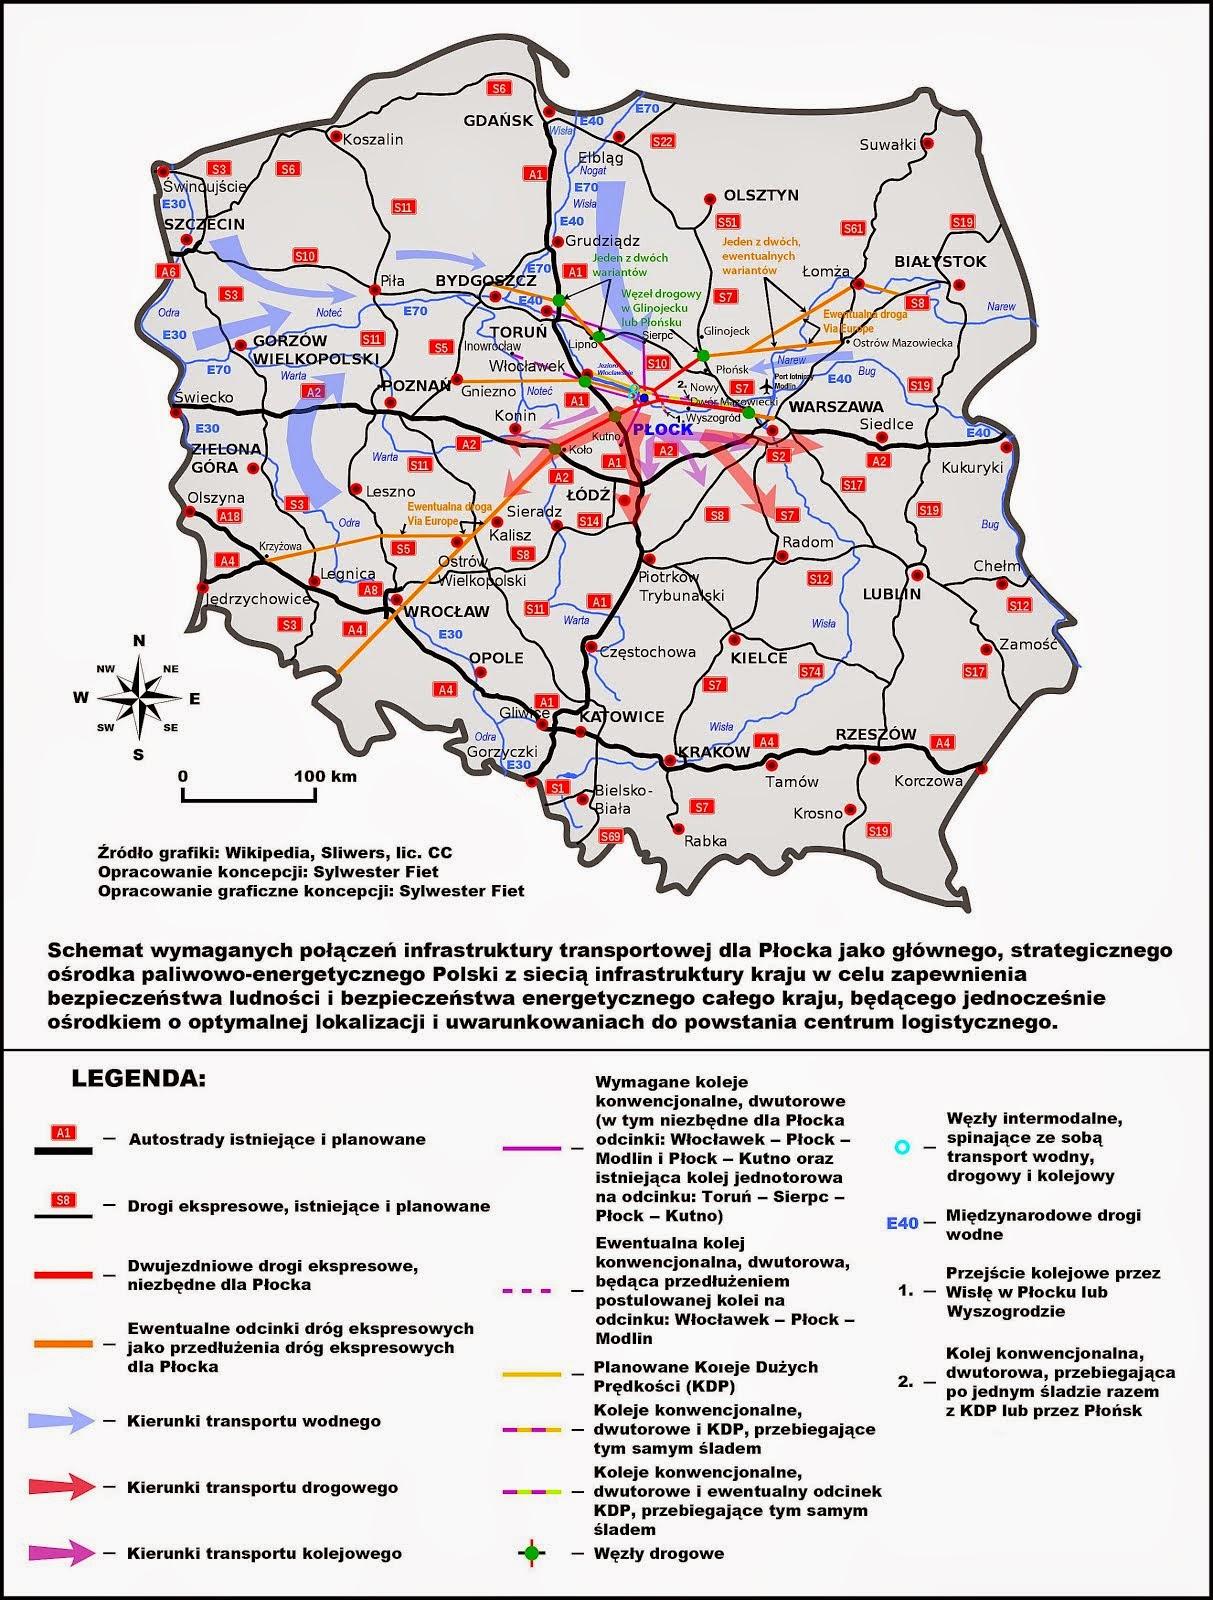 Mapa intermodalnego centrum logistycznego w rejonie Płocka